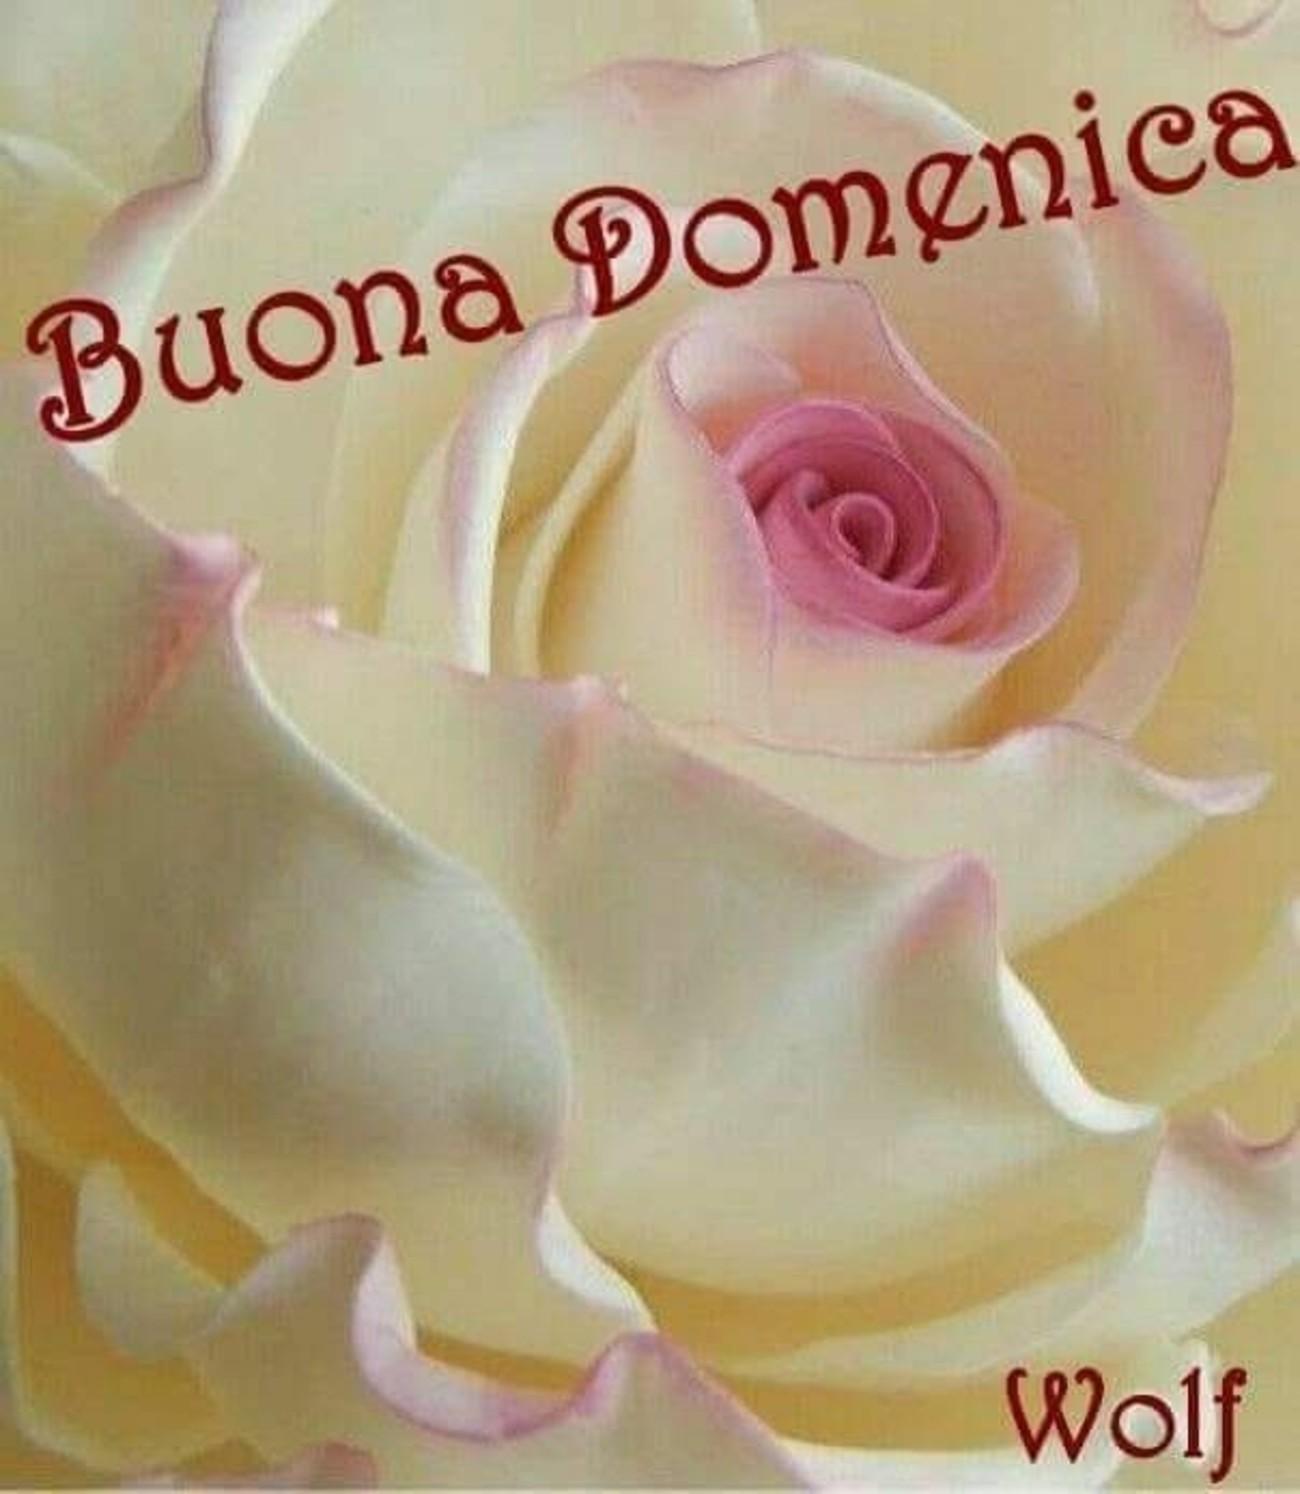 Buona Domenica A Tutti 3587 Immaginiwhatsapp It